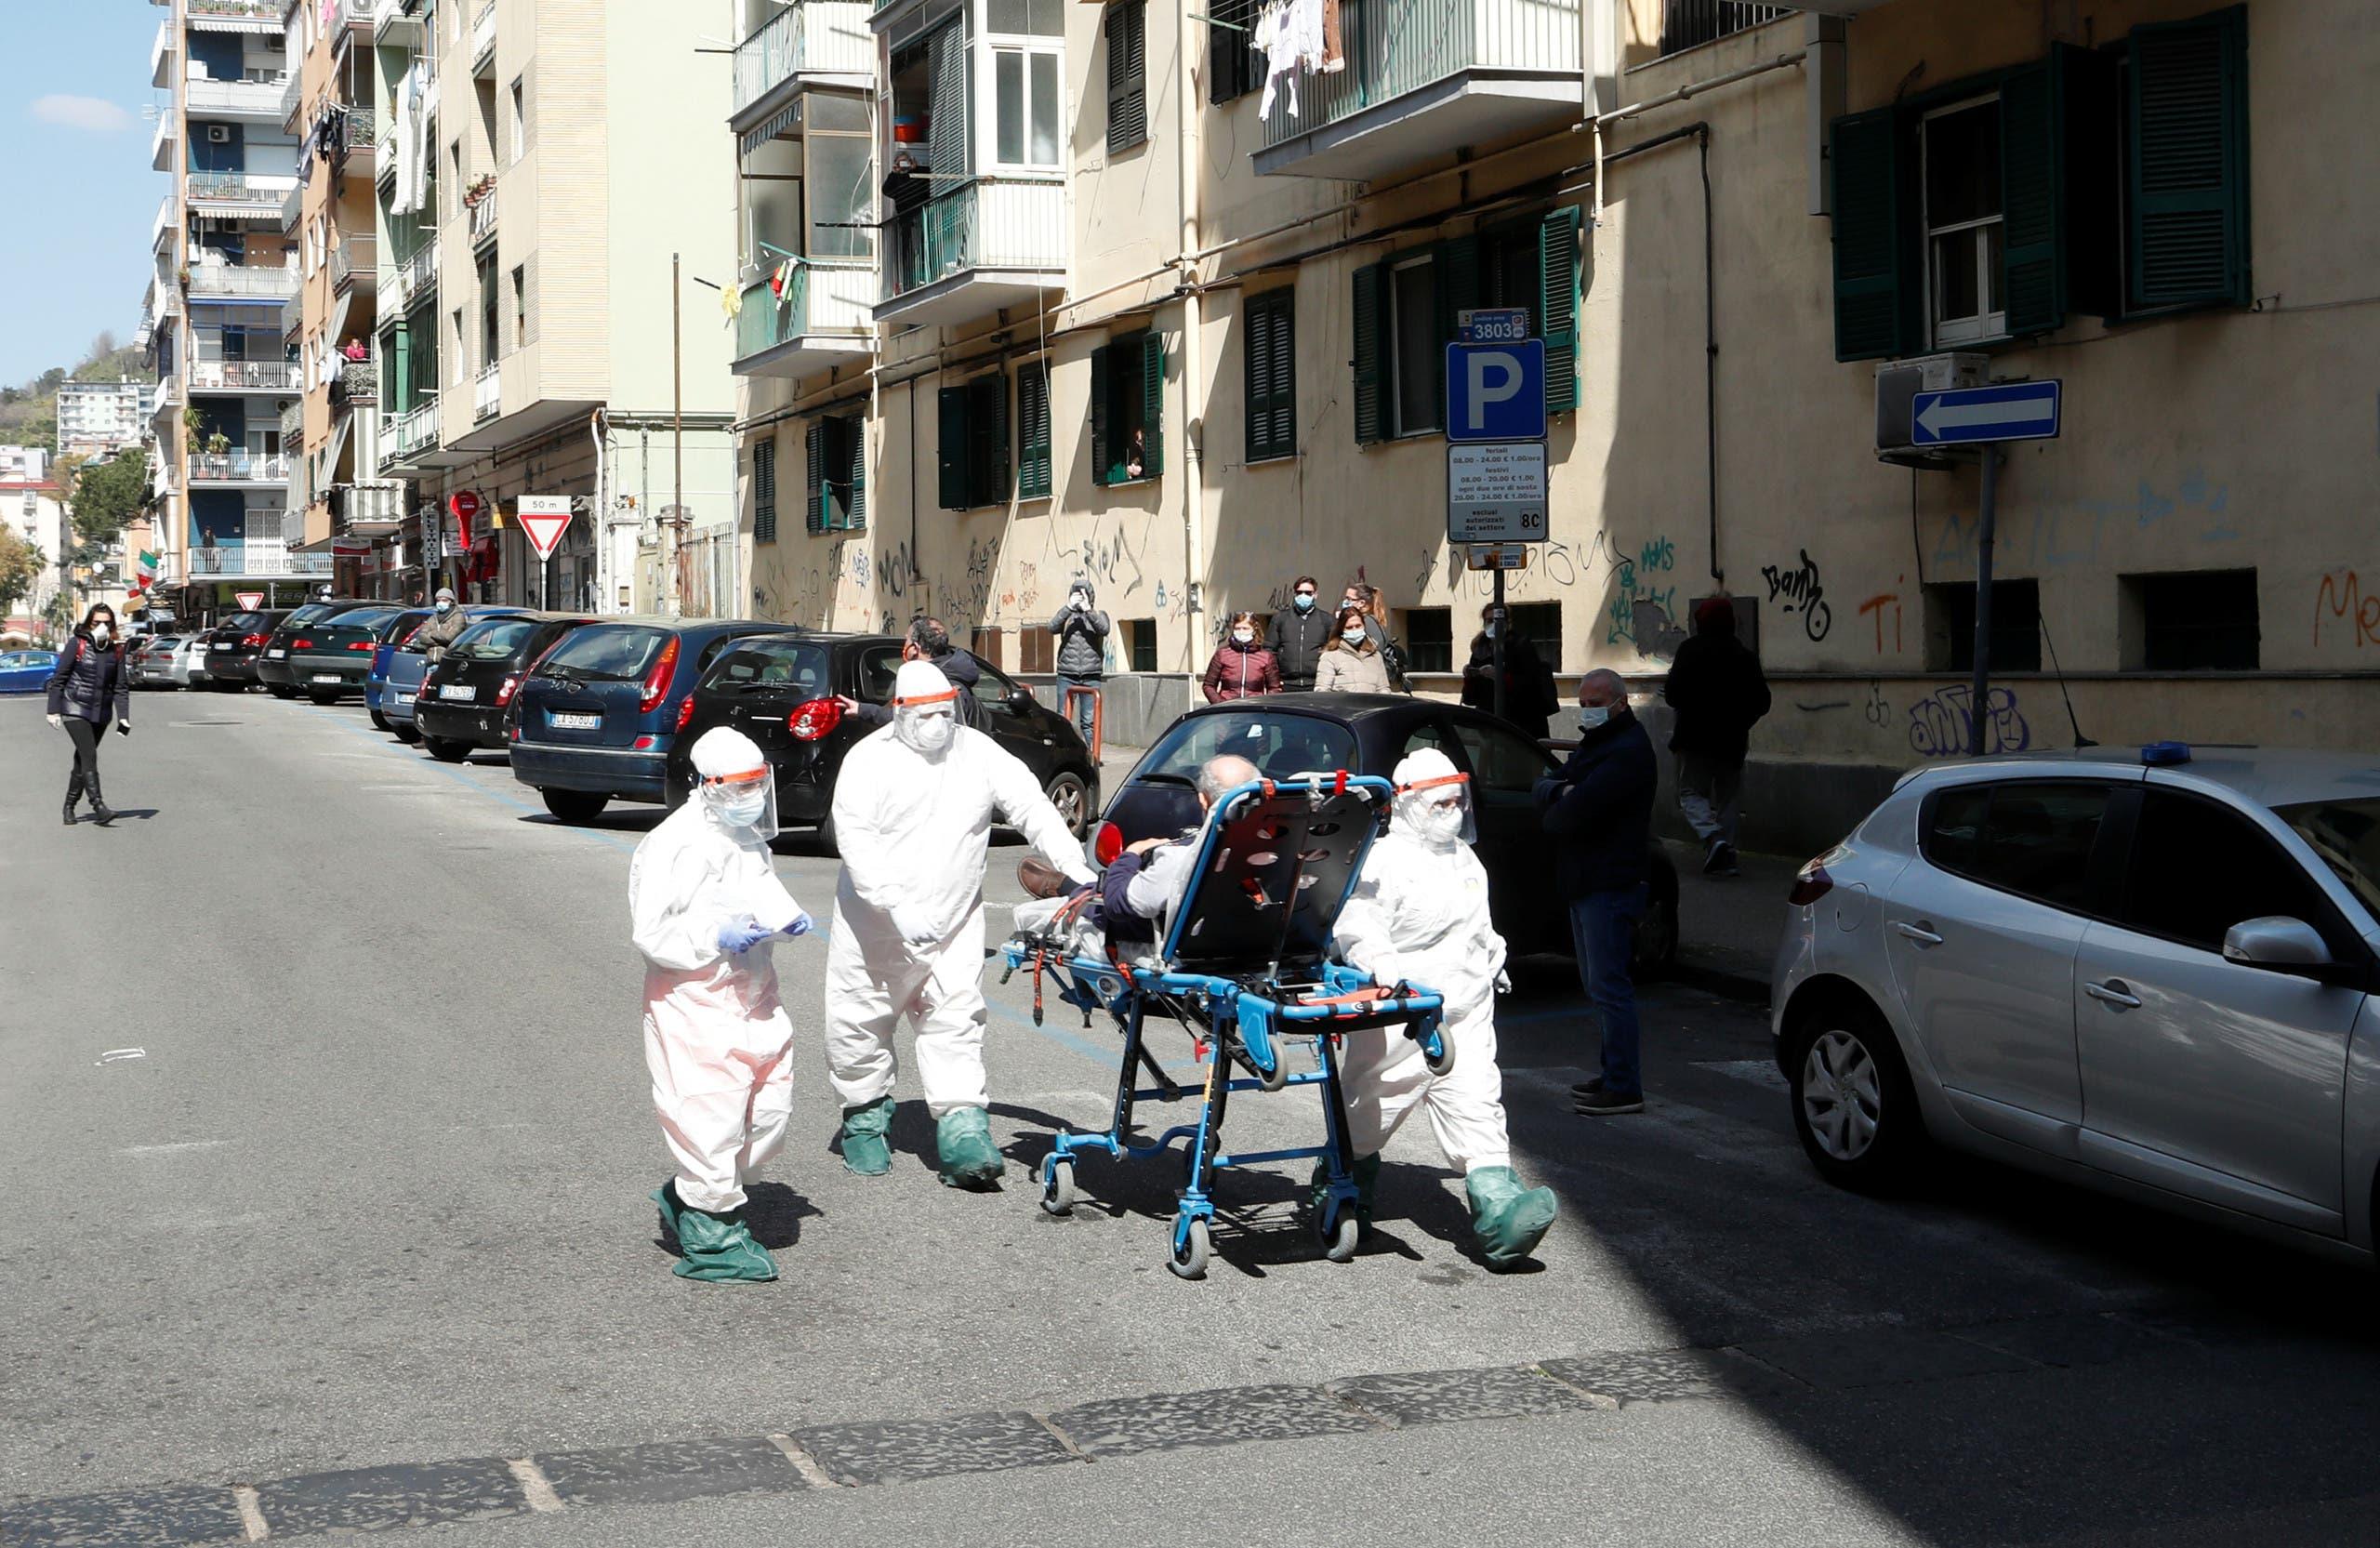 أفراد من الرعاية الصحية مع أحد المرضى في نابولي يوم 2 أبريل (من رويترز)